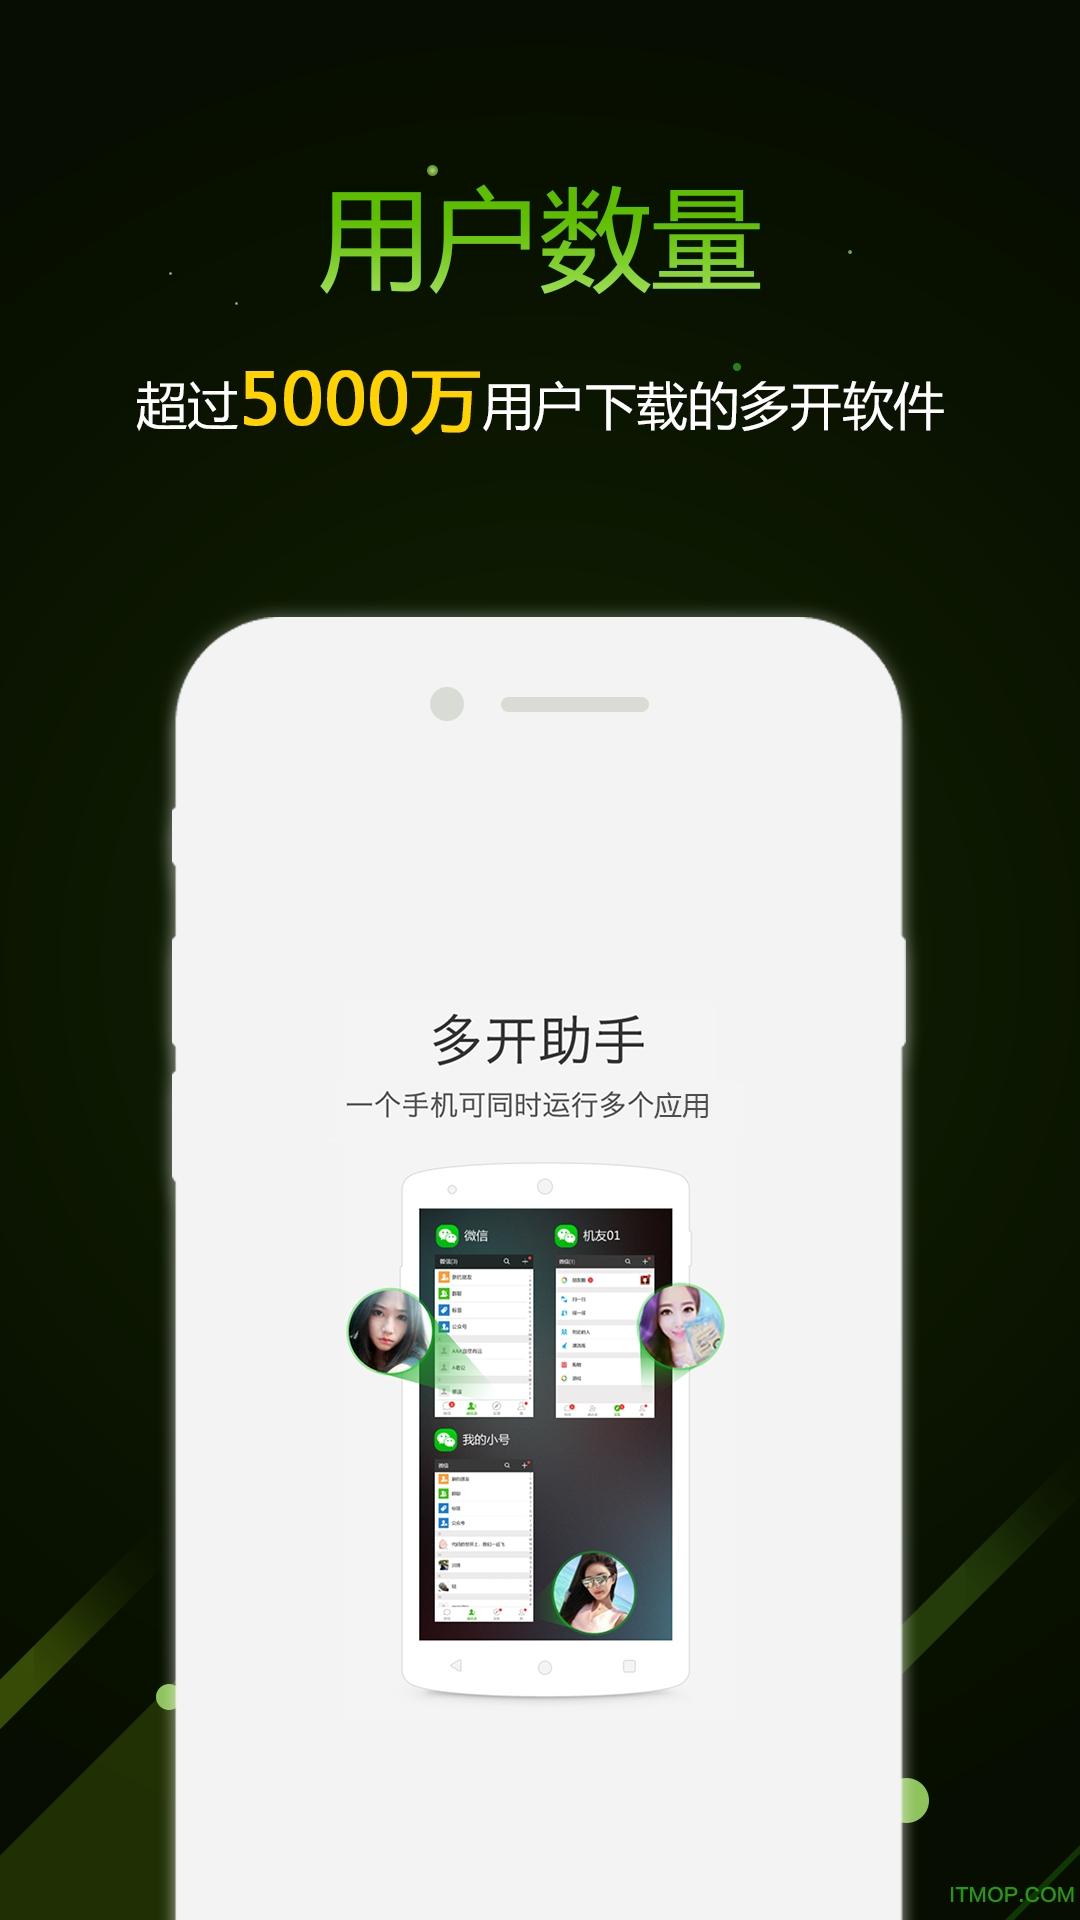 机友微信多开助手app v1.1.3 安卓无限分身版3